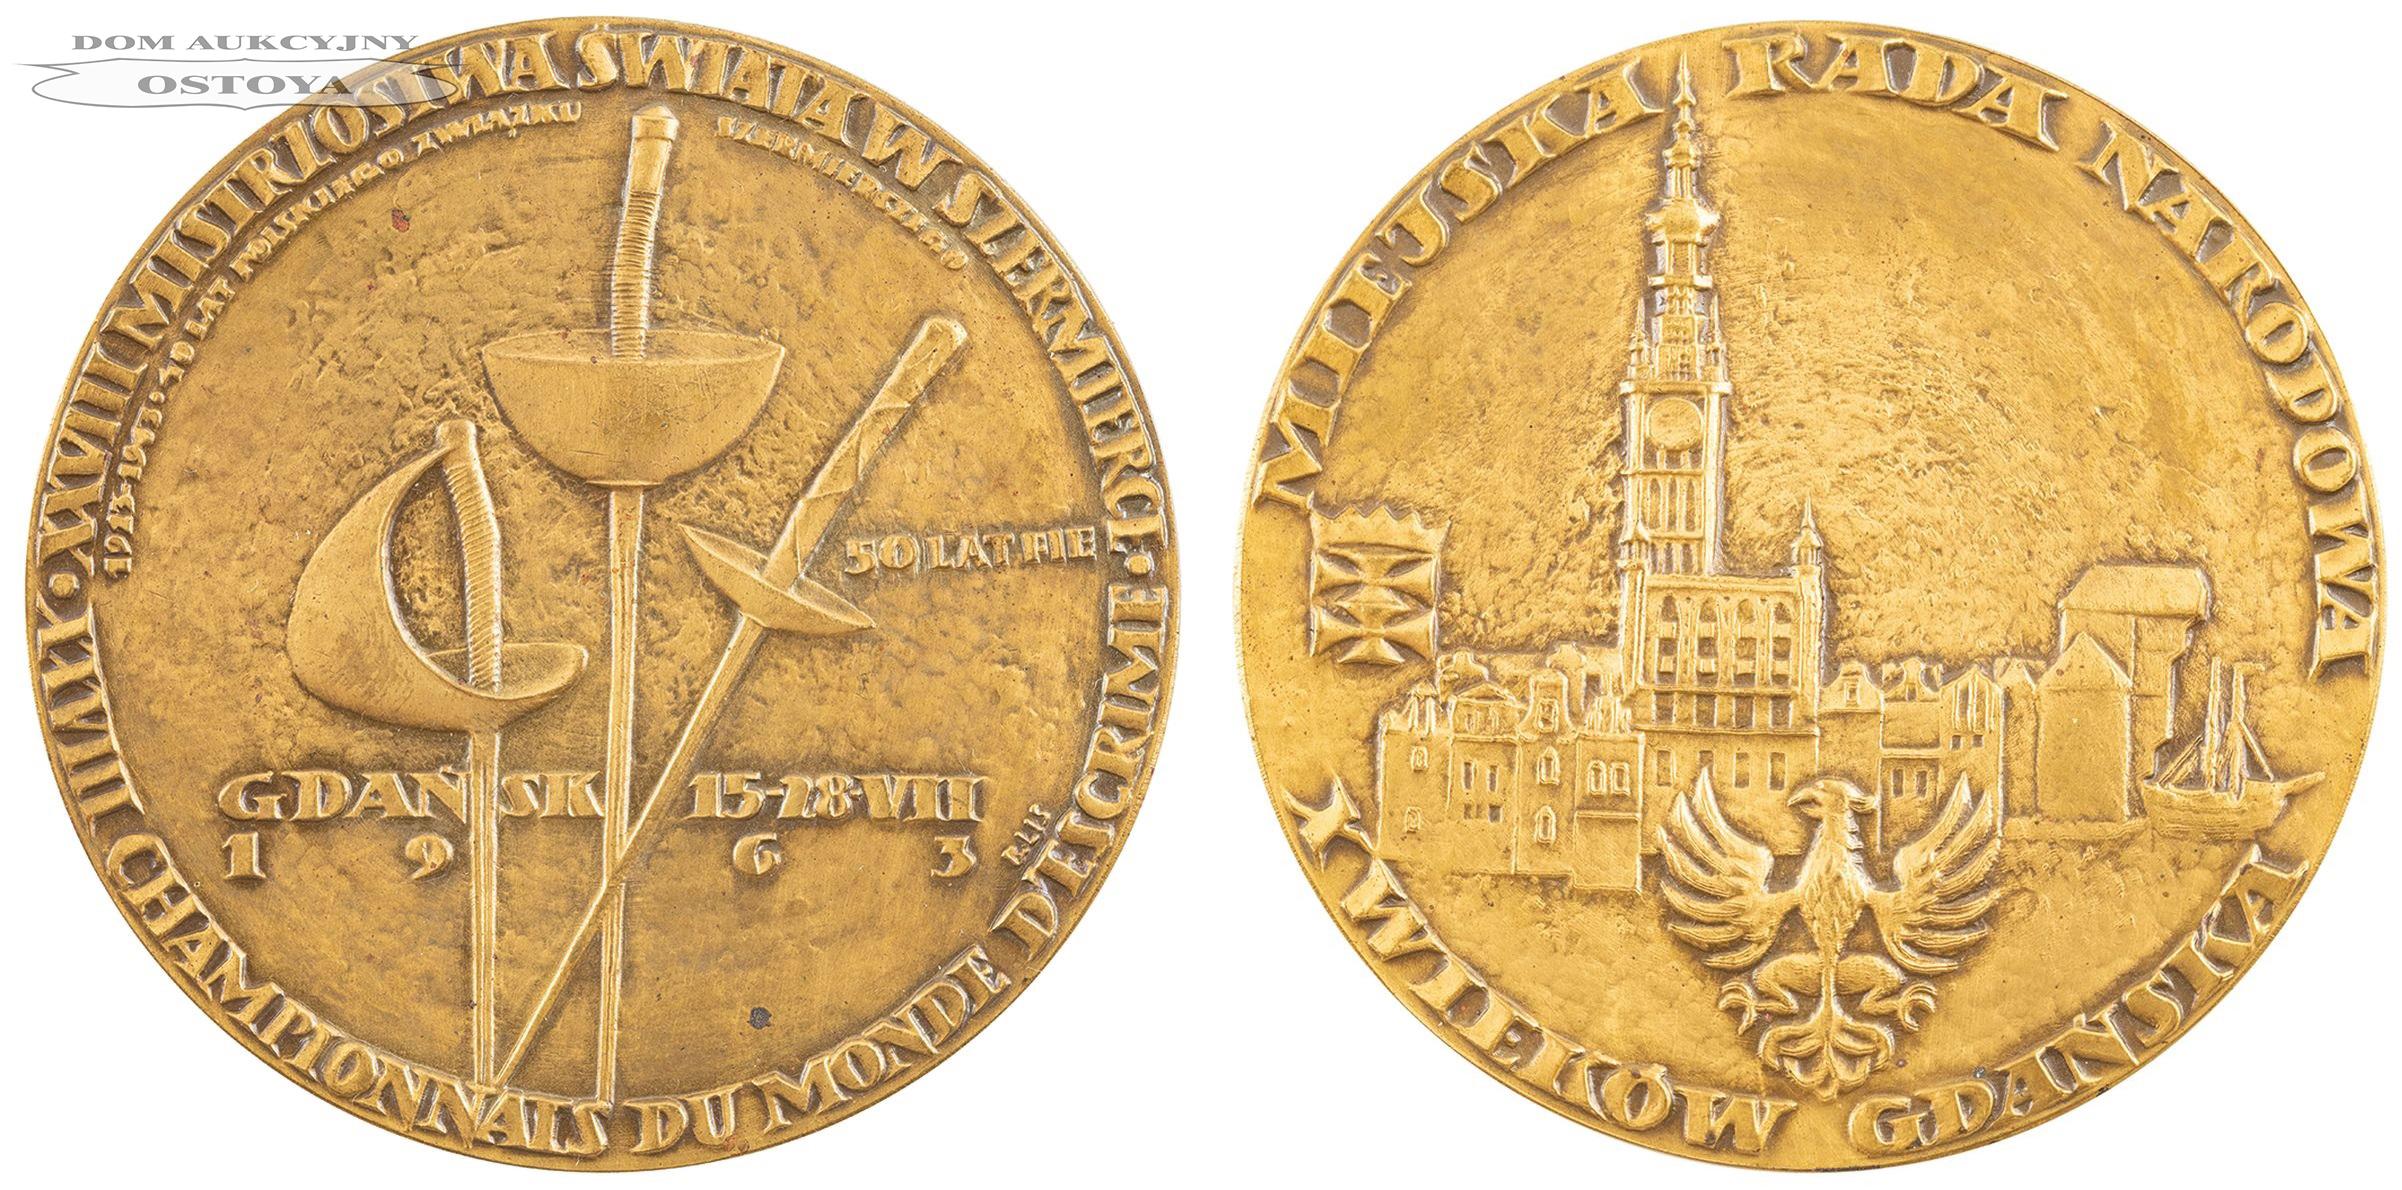 MEDAL, XXVIII MISTRZOSTWA ŚWIATA W SZERMIERCE, Gdańsk, 1963